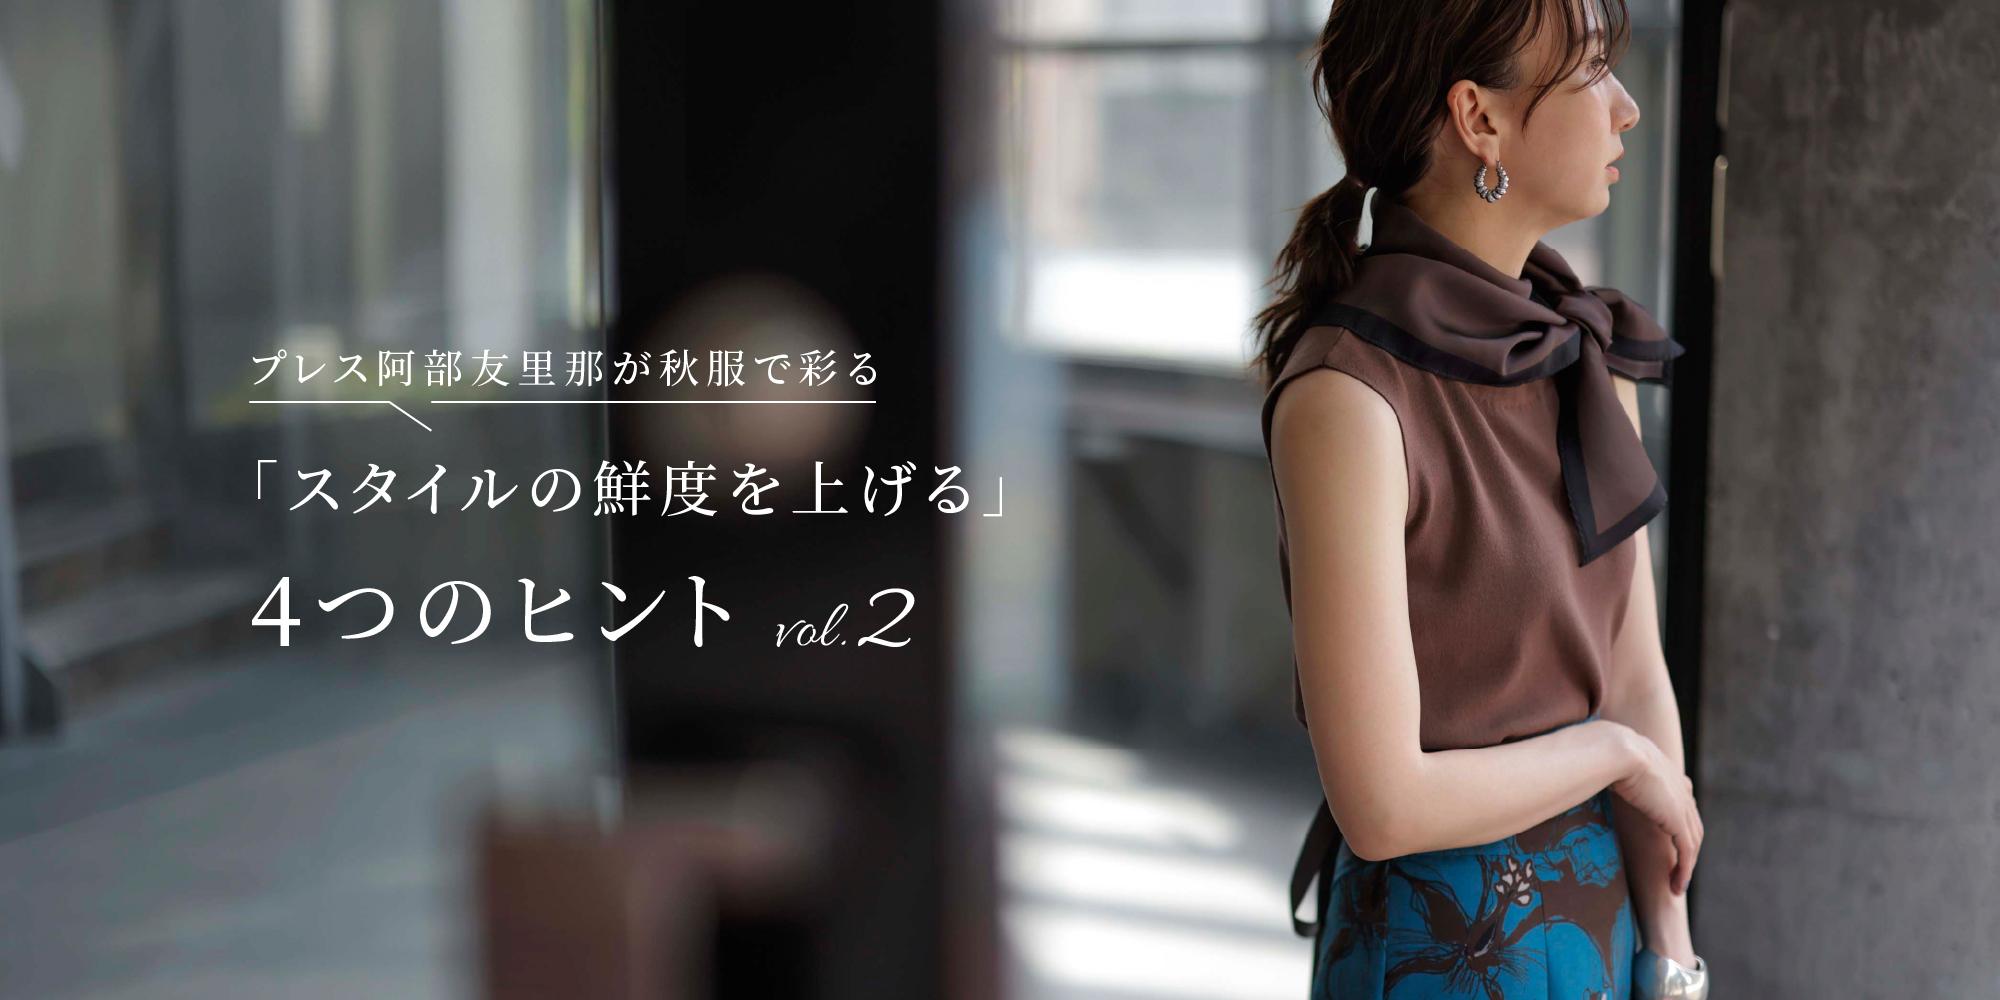 プレス阿部友里那が秋服で導く 「大人のかわいい」をつくる4つの法則